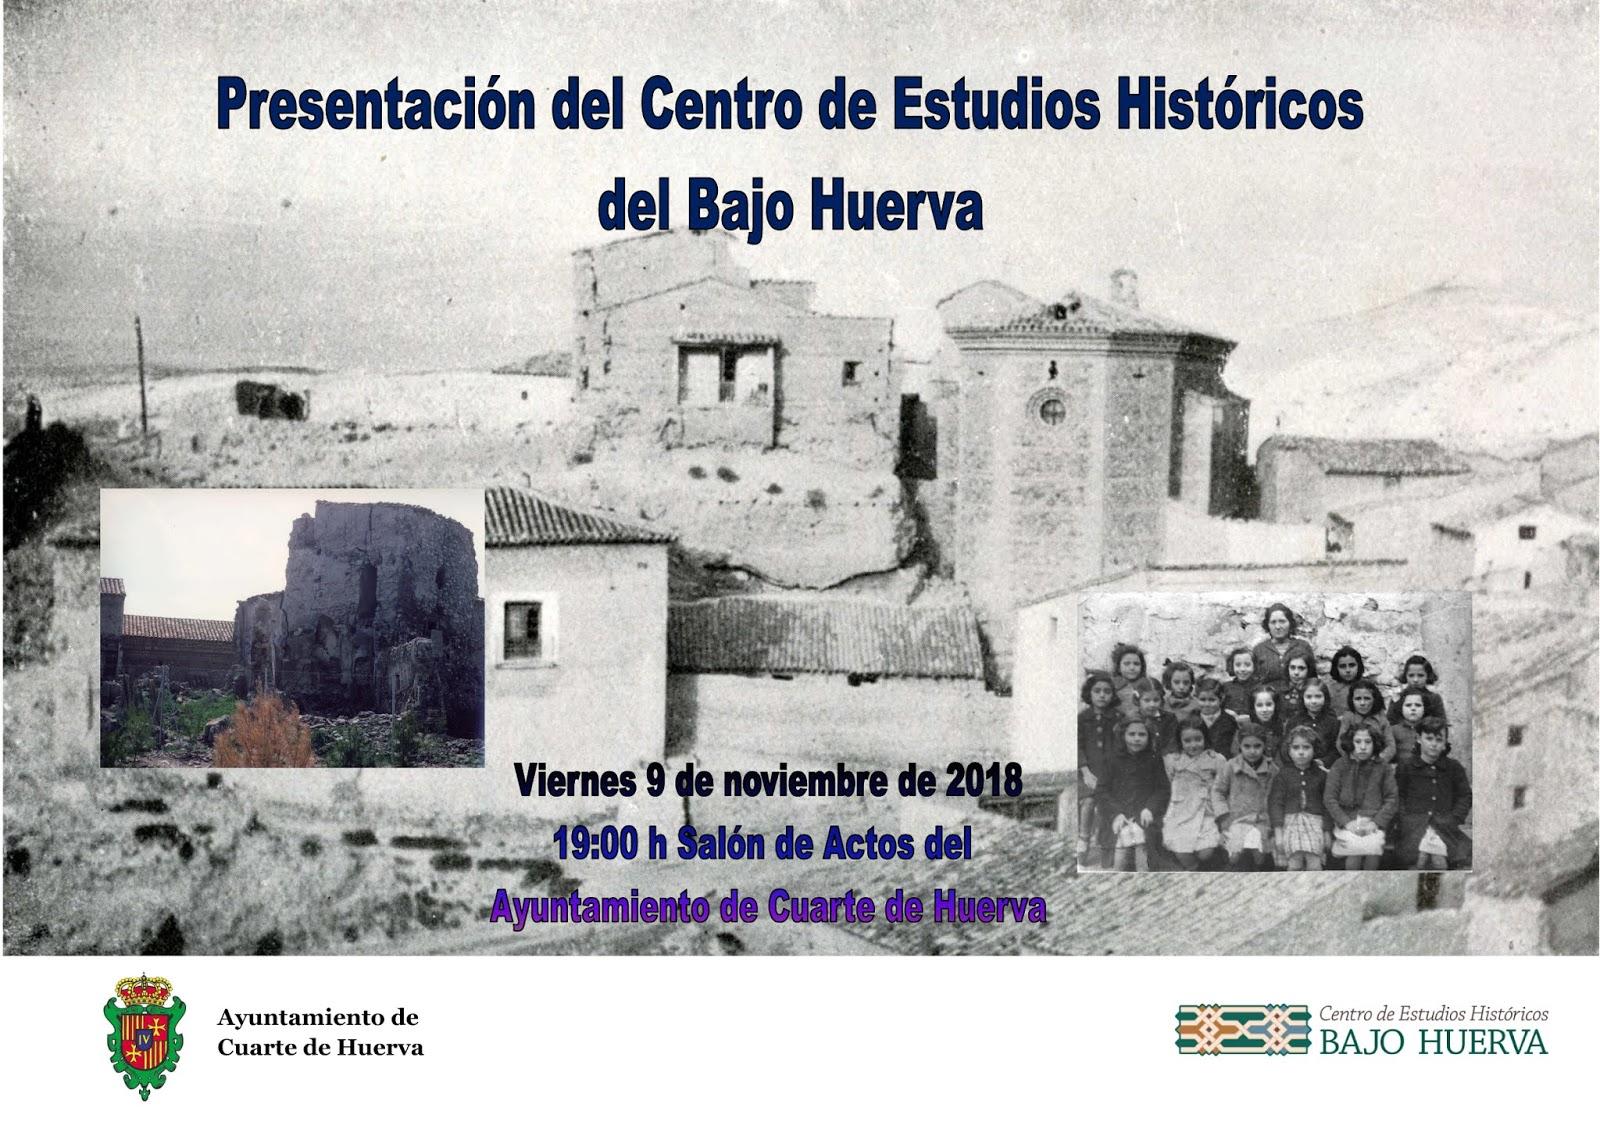 Centro de Estudios Históricos del Bajo Huerva: Presentación del ...